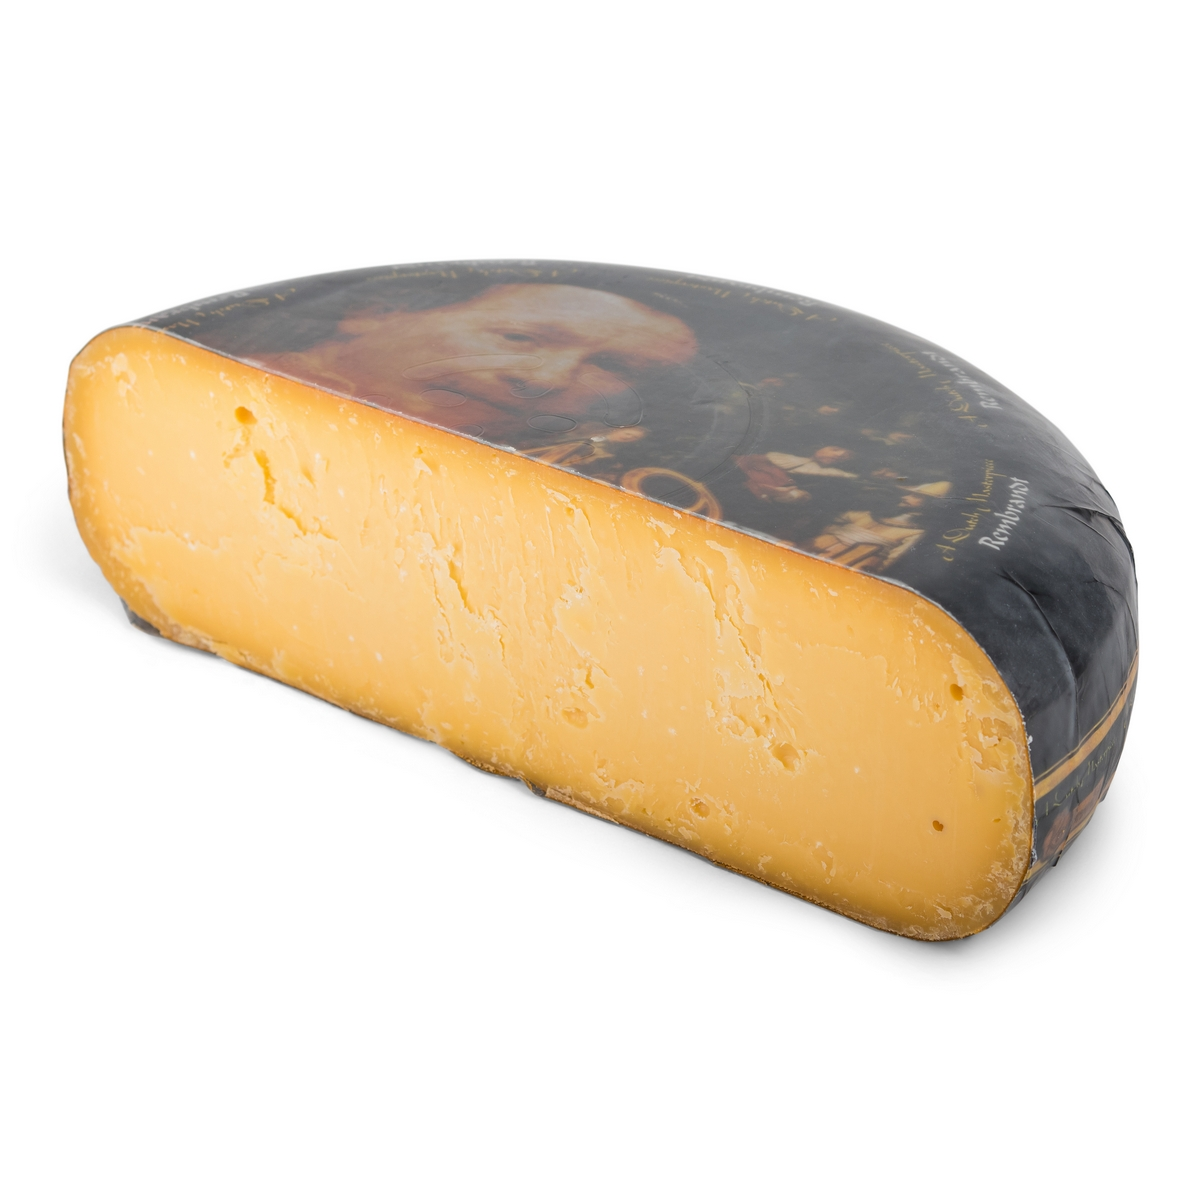 Aged ost (+/- 10-12 måneder modnet)